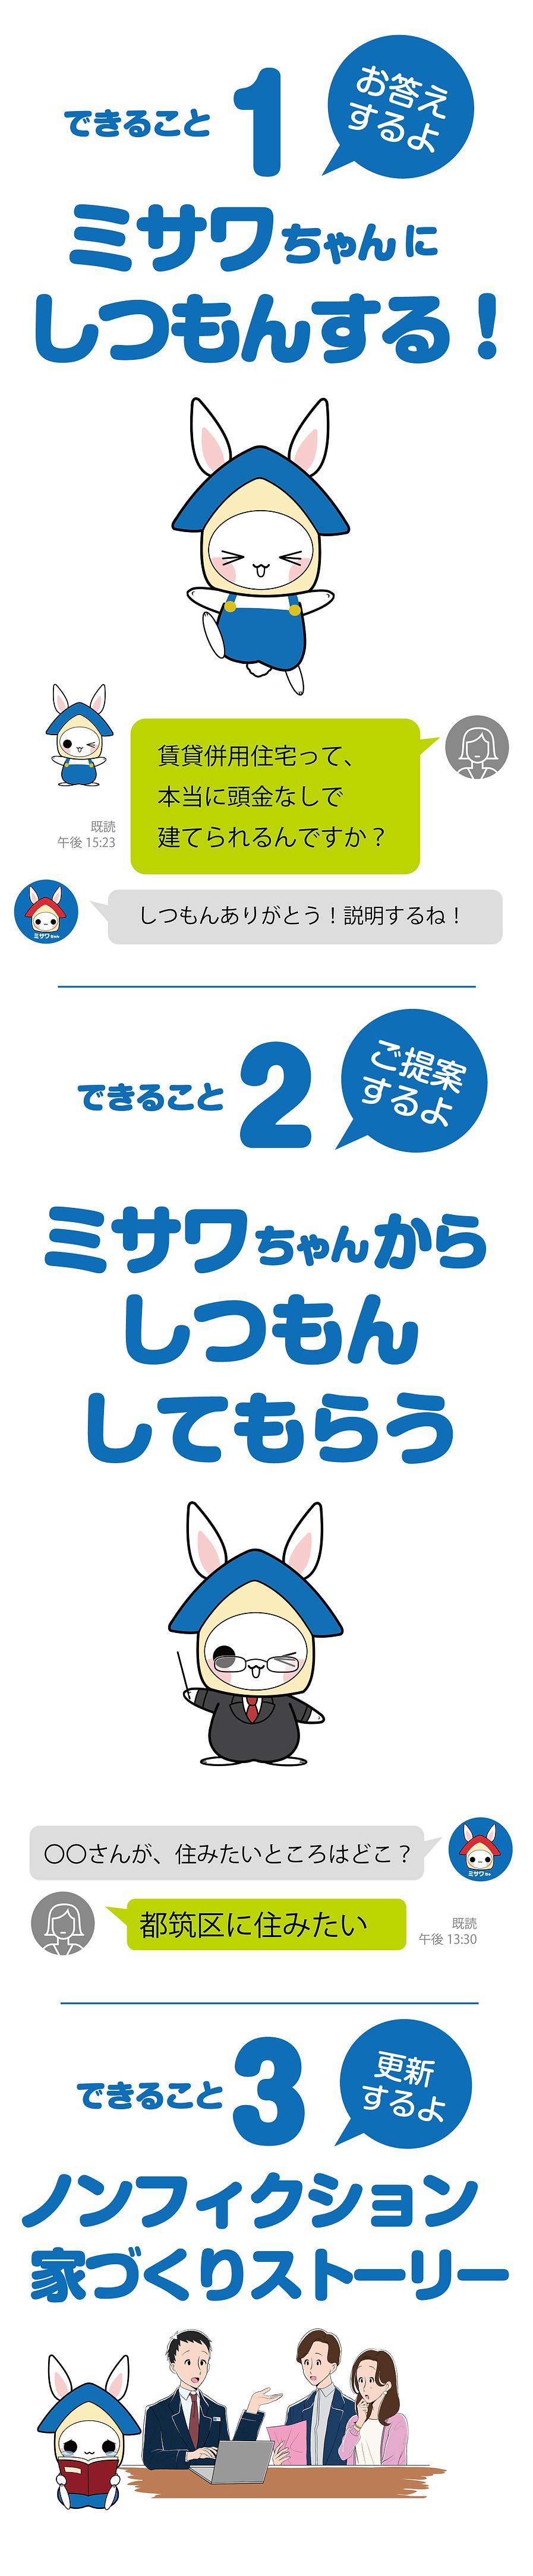 misawachan3b.jpg